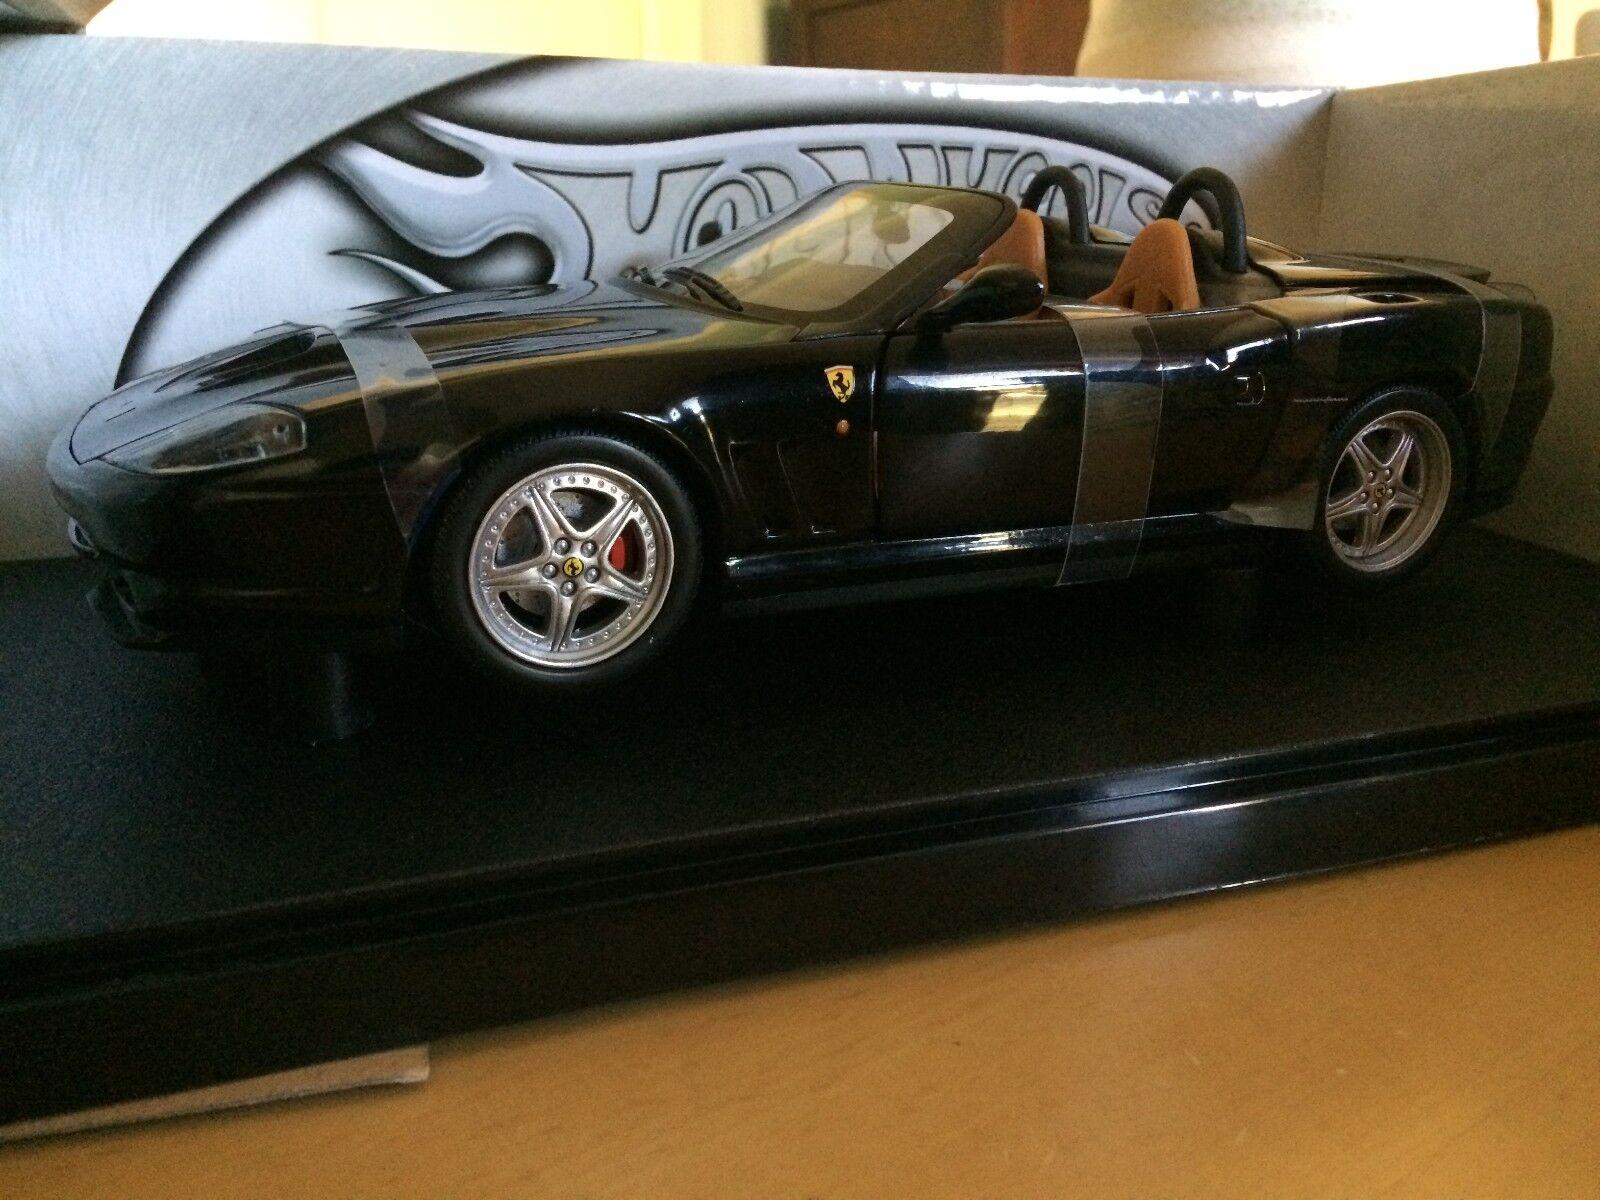 Ferrari Barchetta Spider Pininfarina  - Hotwheels 1 18 scale.